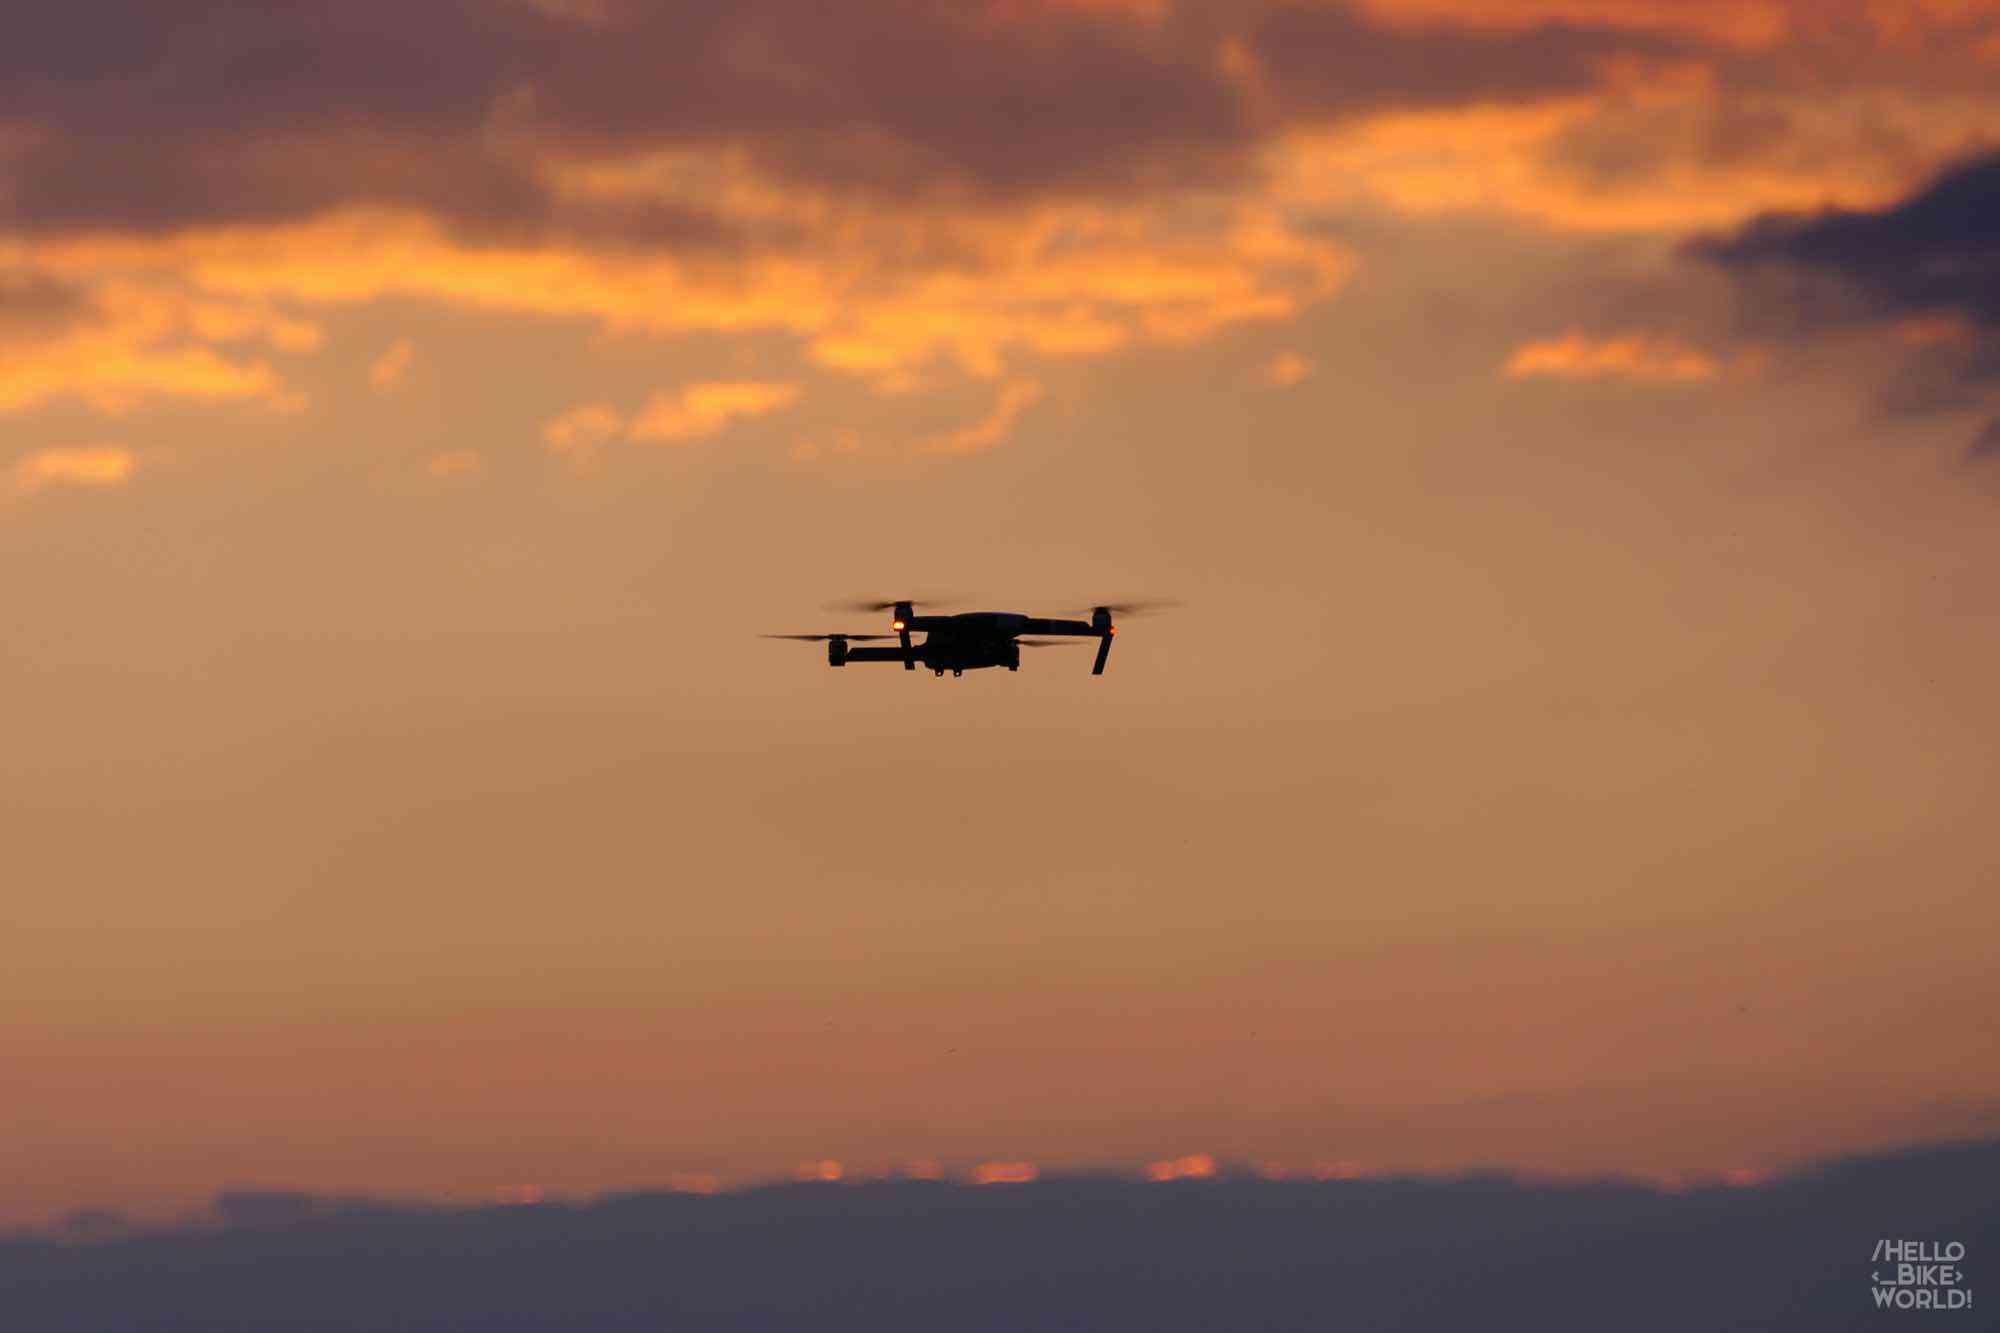 Die Drohne fängt die schönsten Sonnenuntergänge